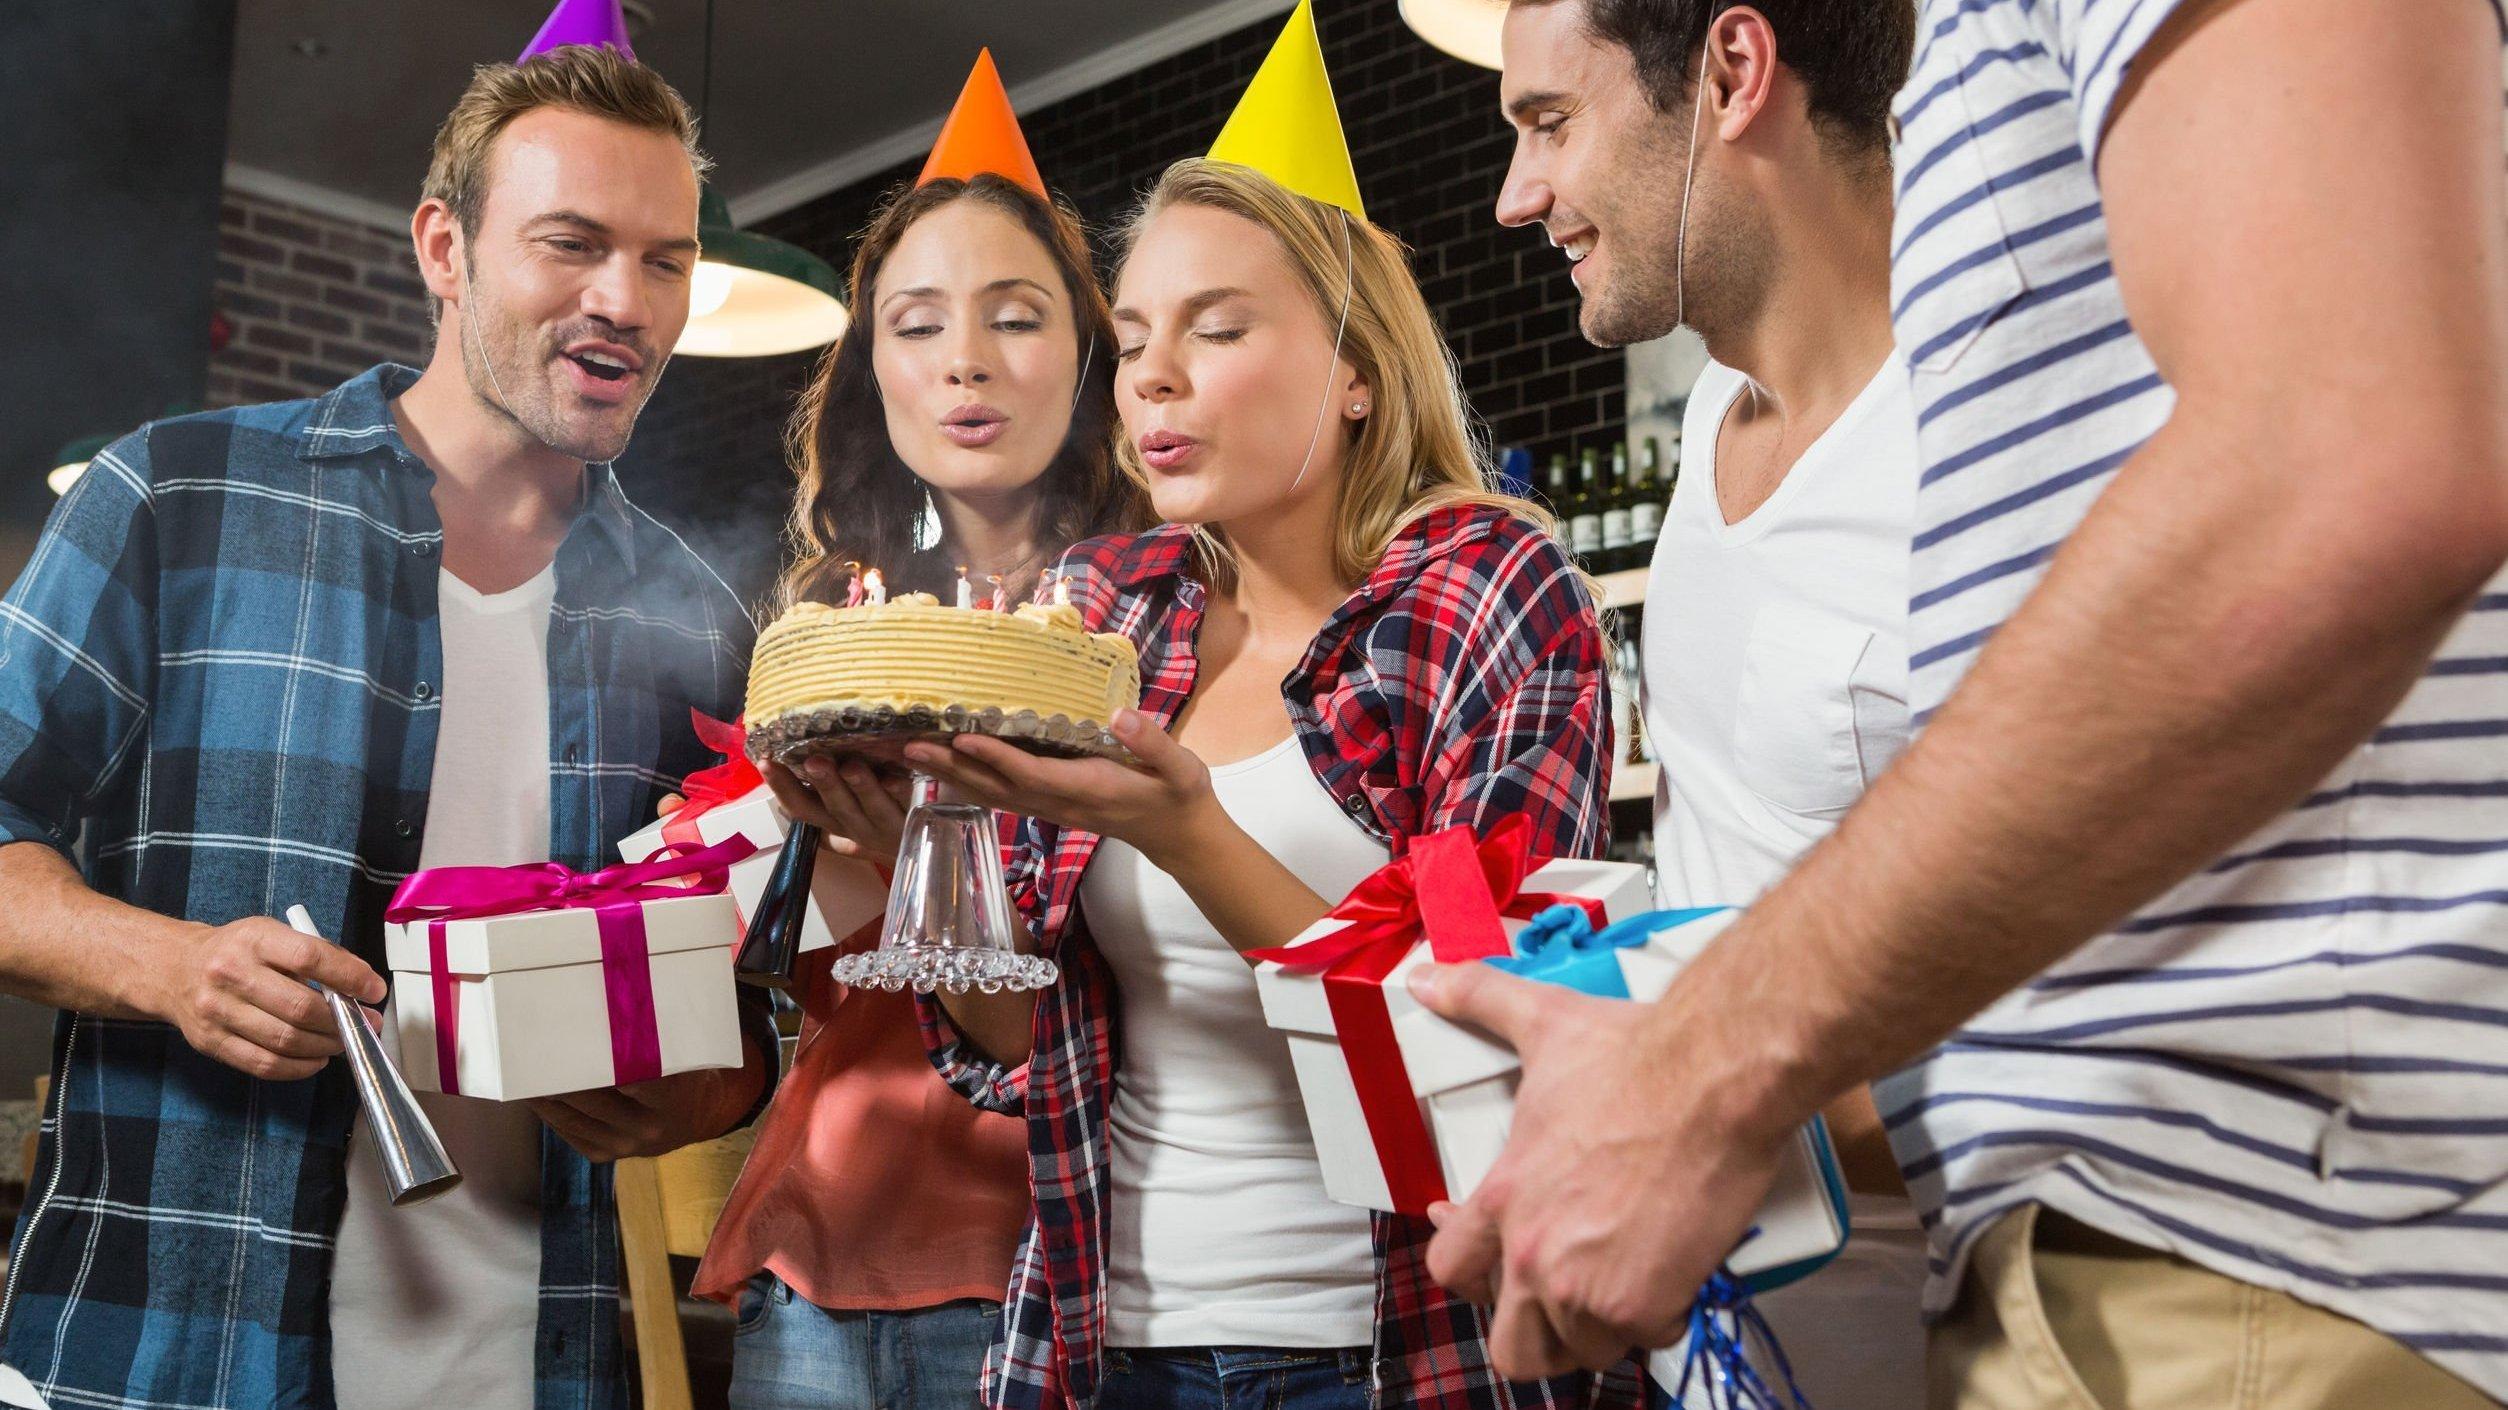 Grupo de amigos comemorando aniversário.